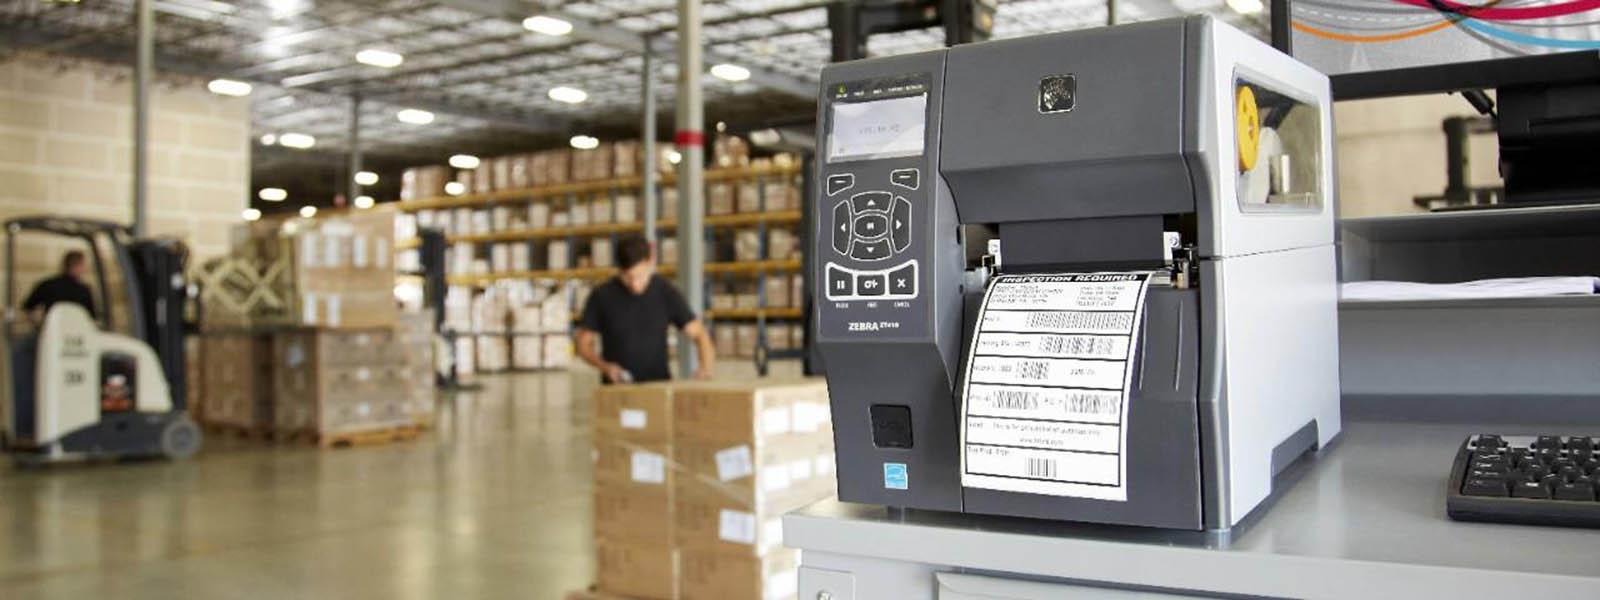 Ingerson Consulting GmbH in Düsseldorf - Printers, Etikettendrucker